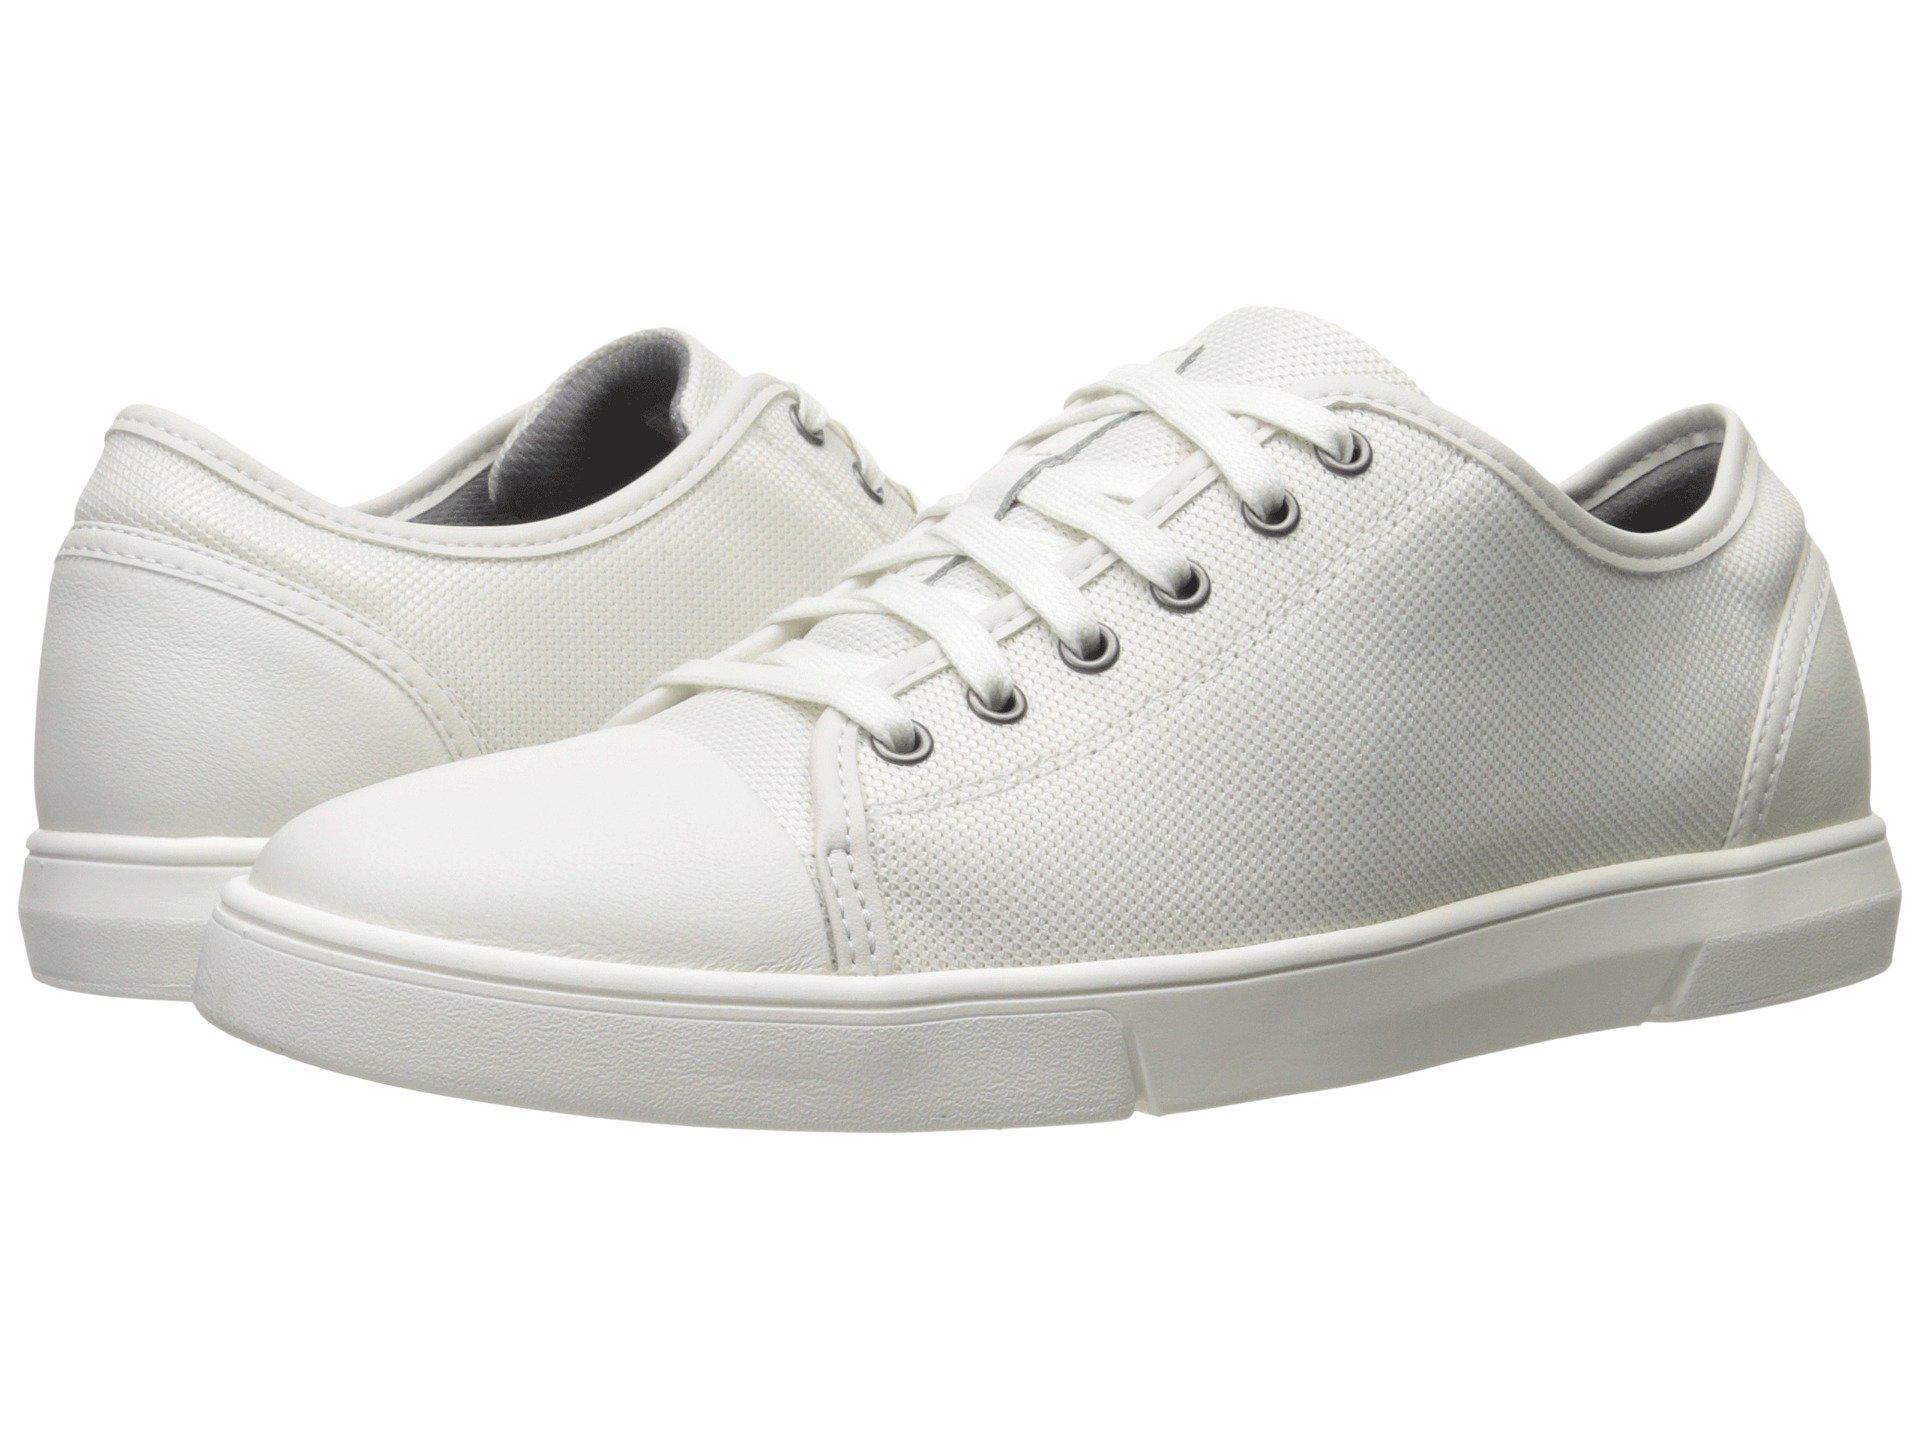 Mens Lander Cap Low-Top Sneakers, Black, 7 UK Clarks